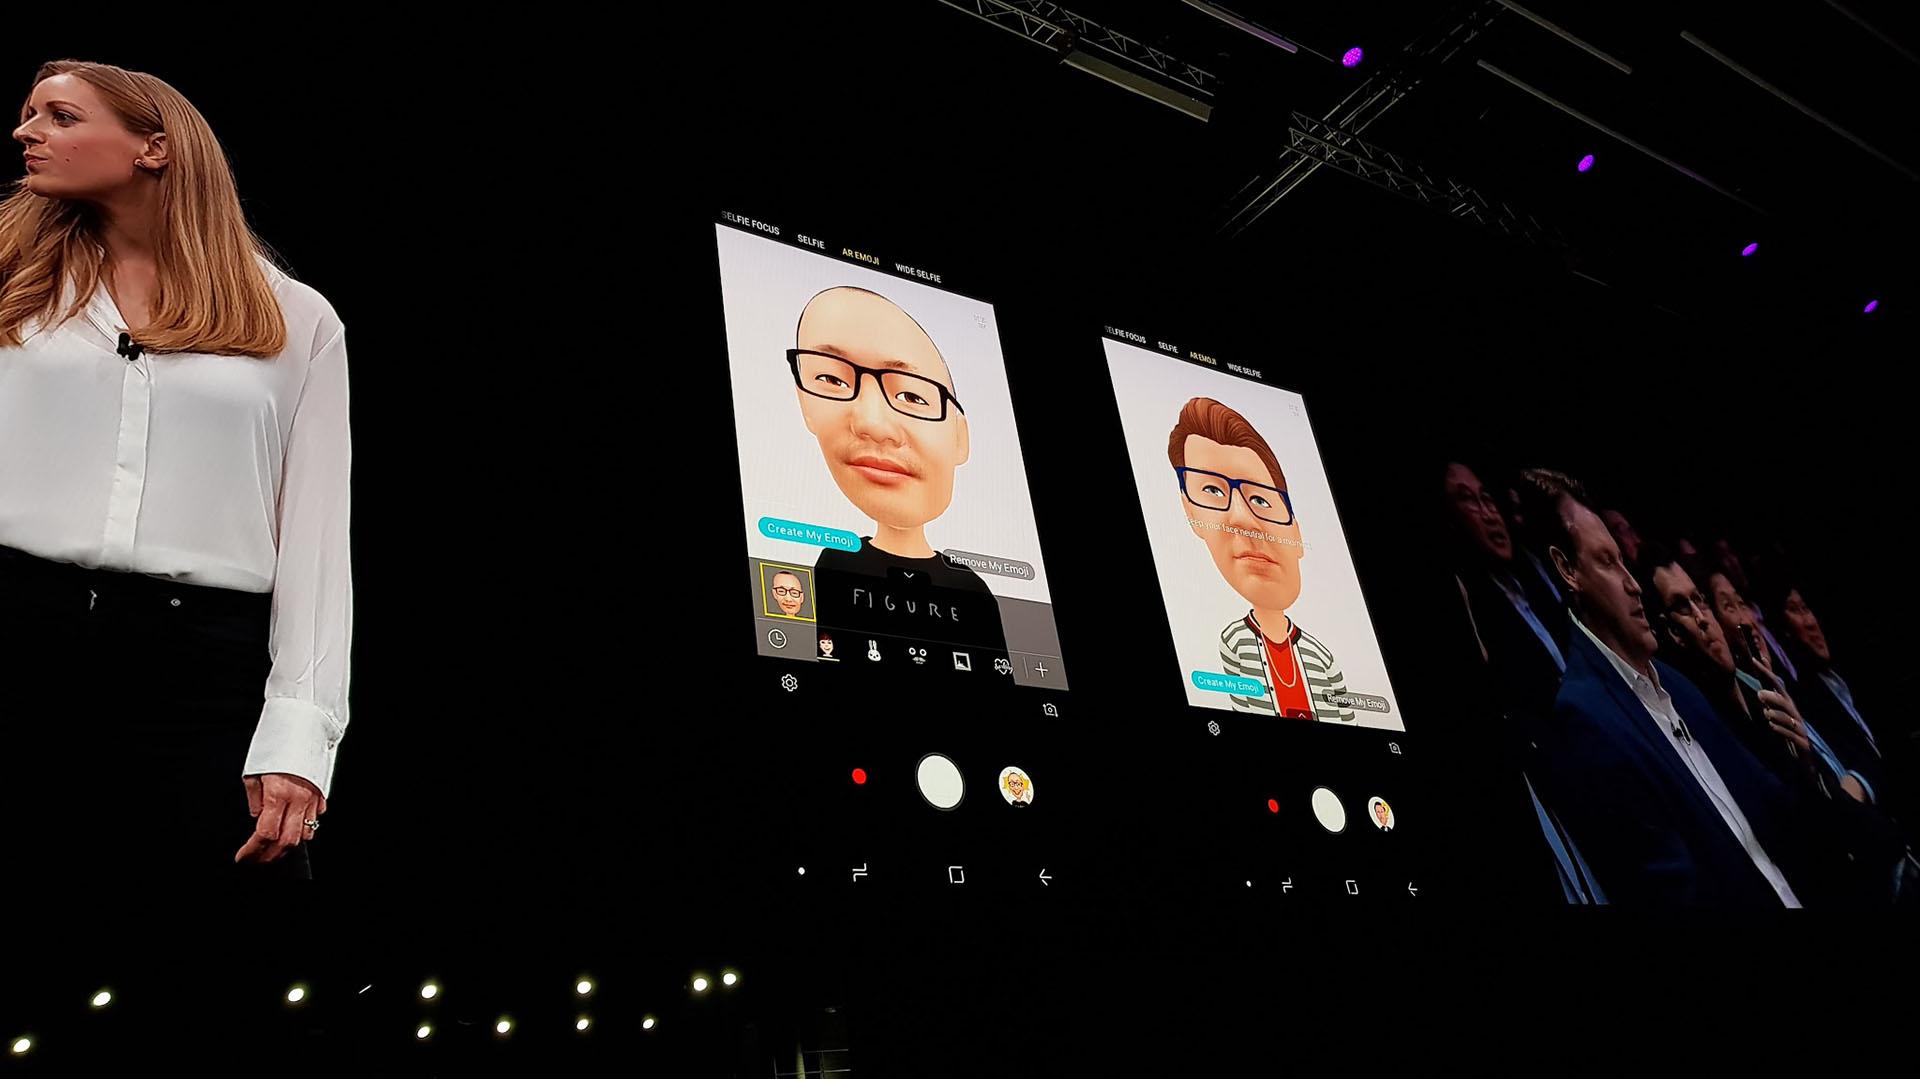 Un ejemplo de emojis personalizados que se puedencrear con realidad aumentada, una moderna función de la cámara del Galaxy S9.La herramienta analiza la foto del usuario e identifica más de 100 rasgos faciales para crear un emoji en 3D